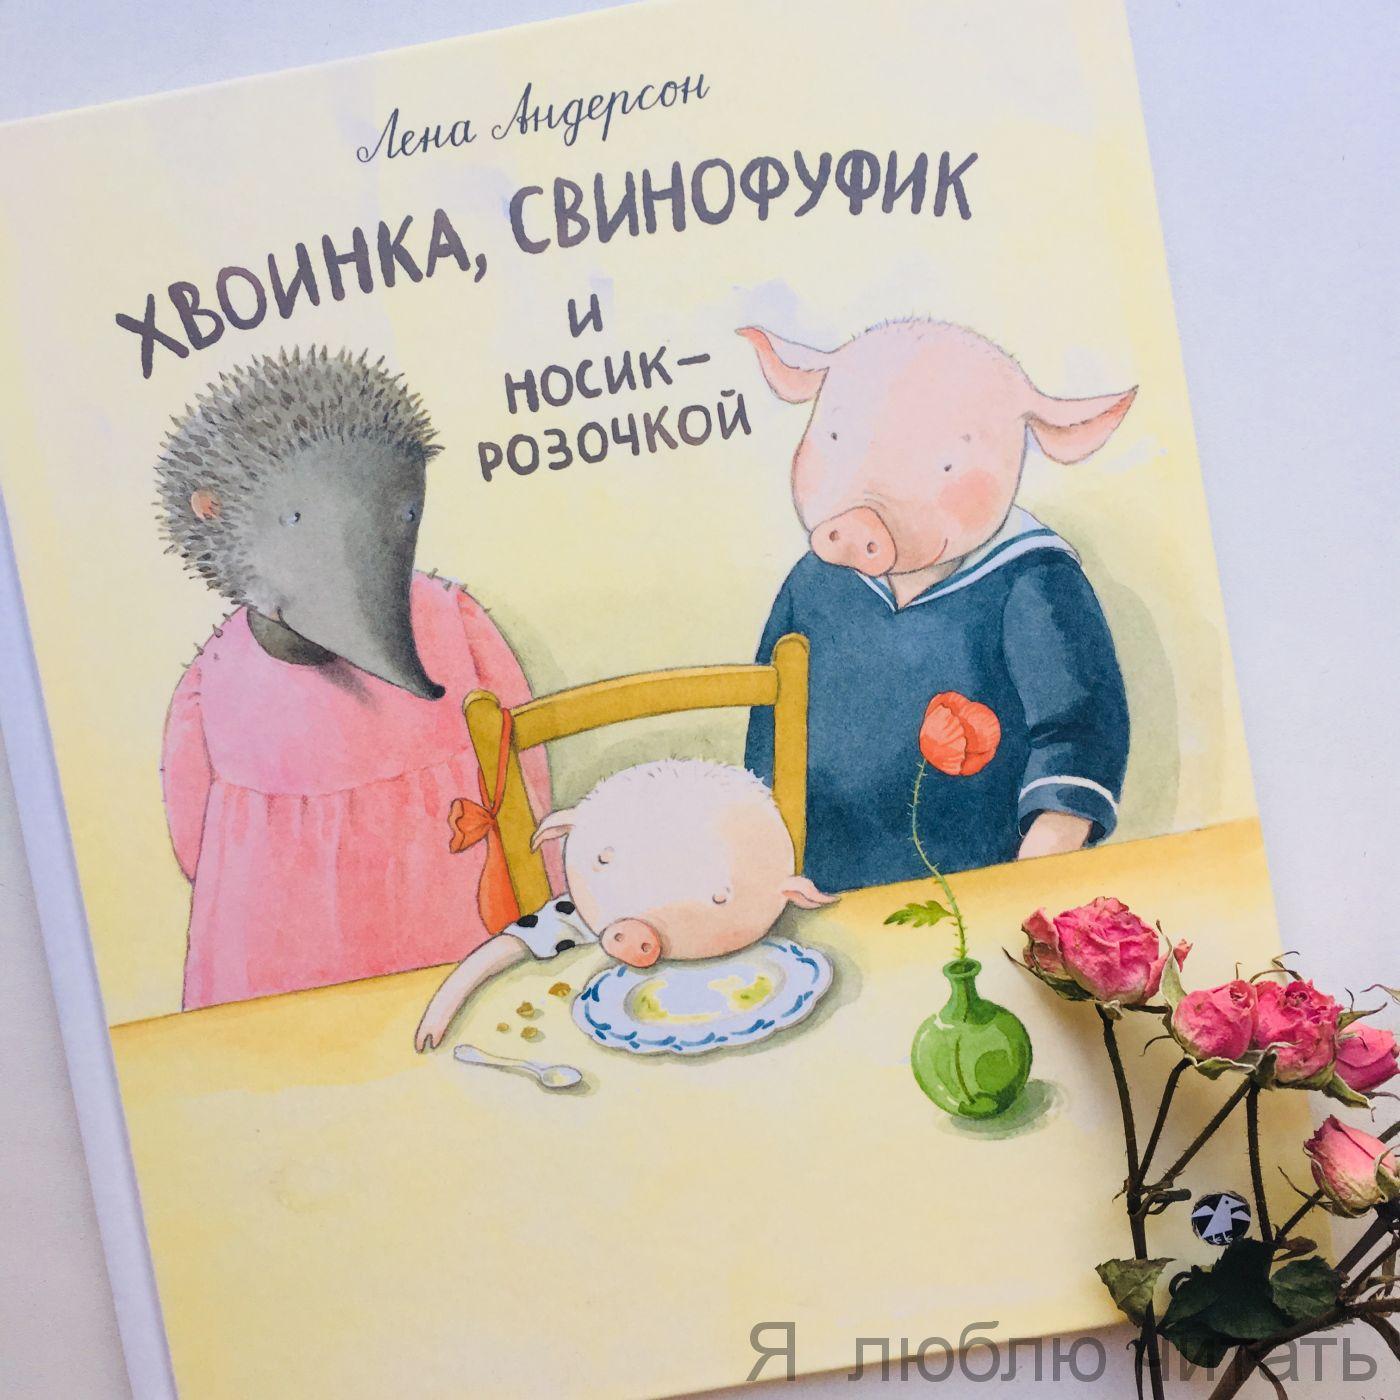 Хвоинка, Свинофуфик и носик — розочкой.